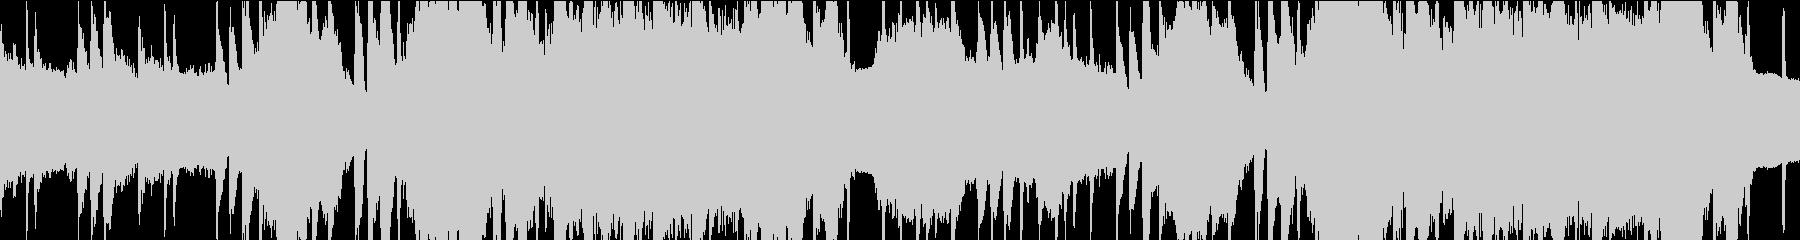 サスペンス■ブラスを基調としたループ音源の未再生の波形